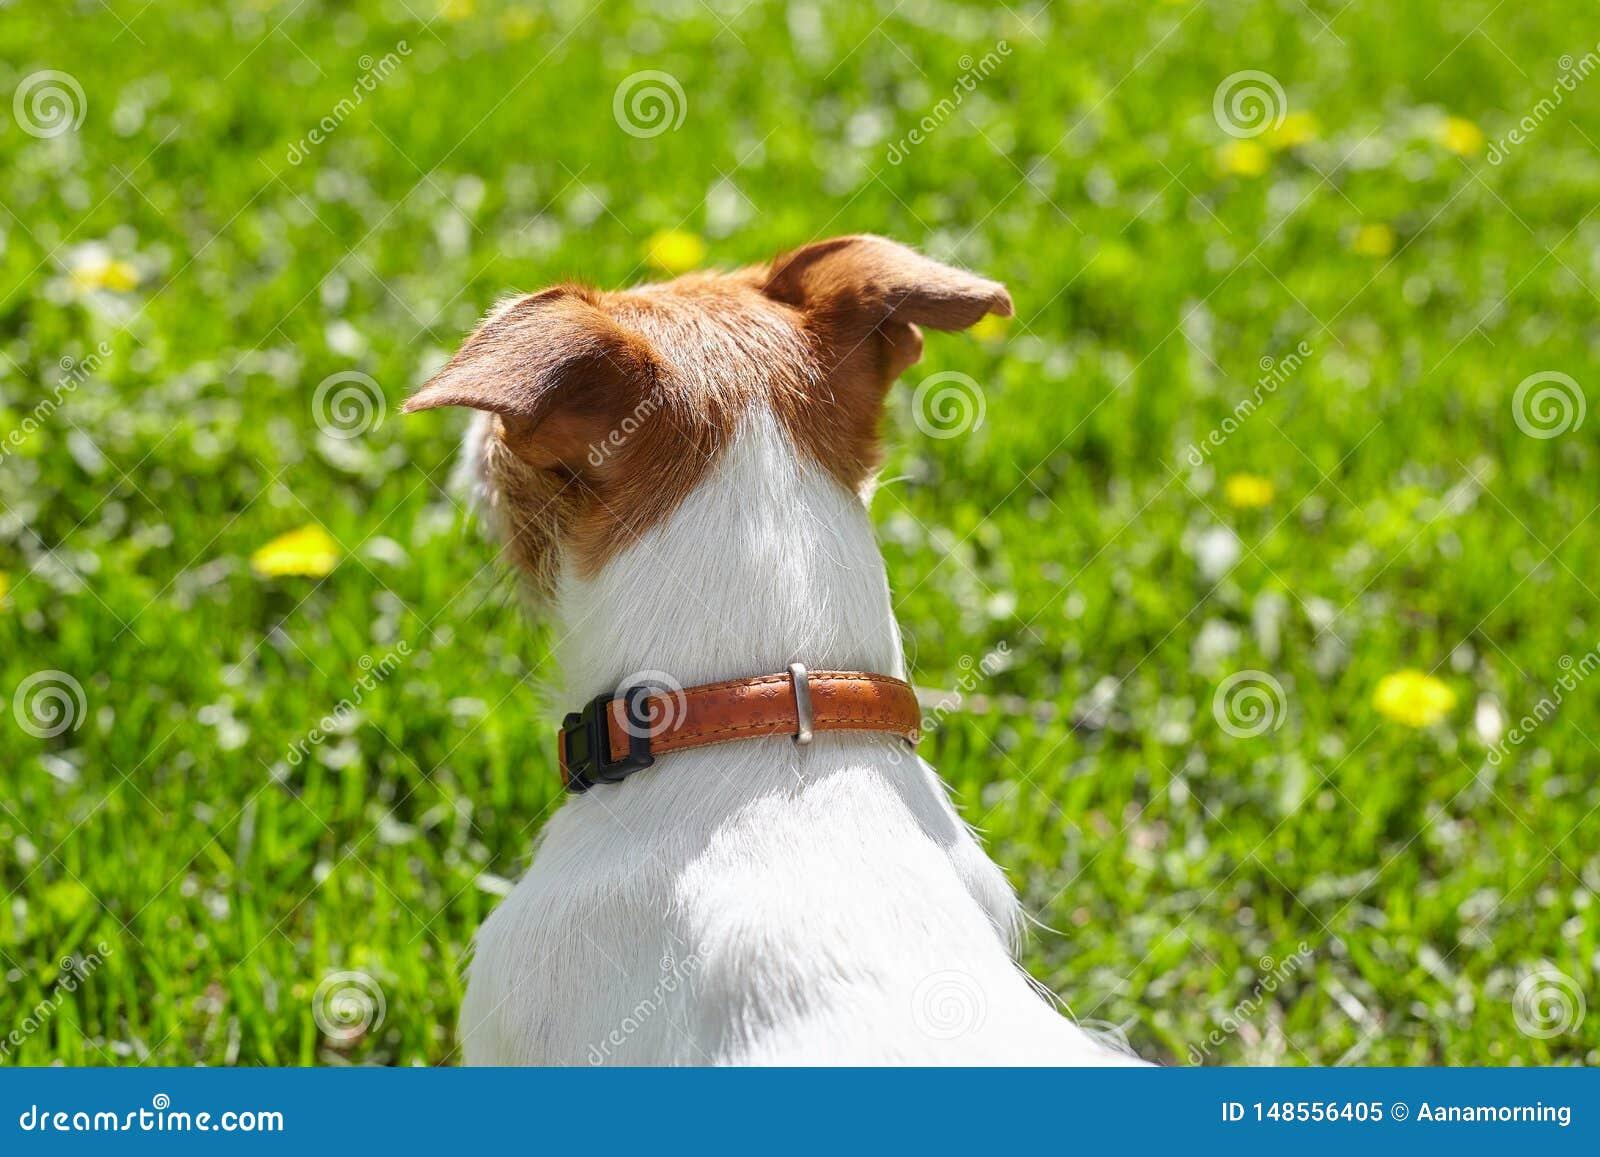 看绿色草坪的逗人喜爱的杰克罗素狗爱犬在一个晴朗的夏日